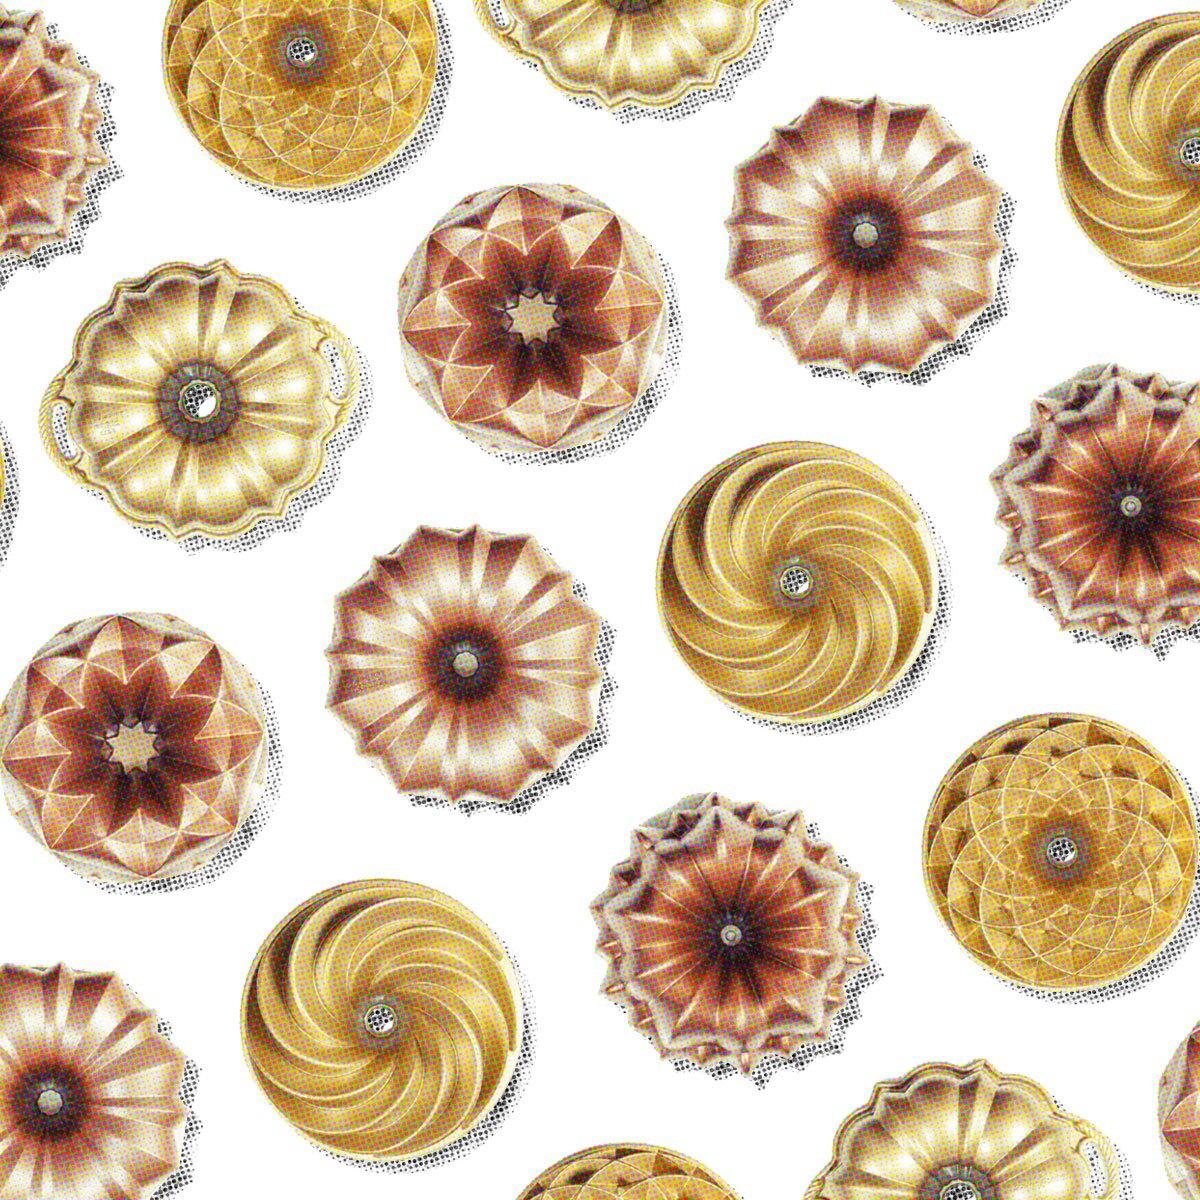 Colagem com imagens de formas de bolo da marca marissa lounina e nordic ware.